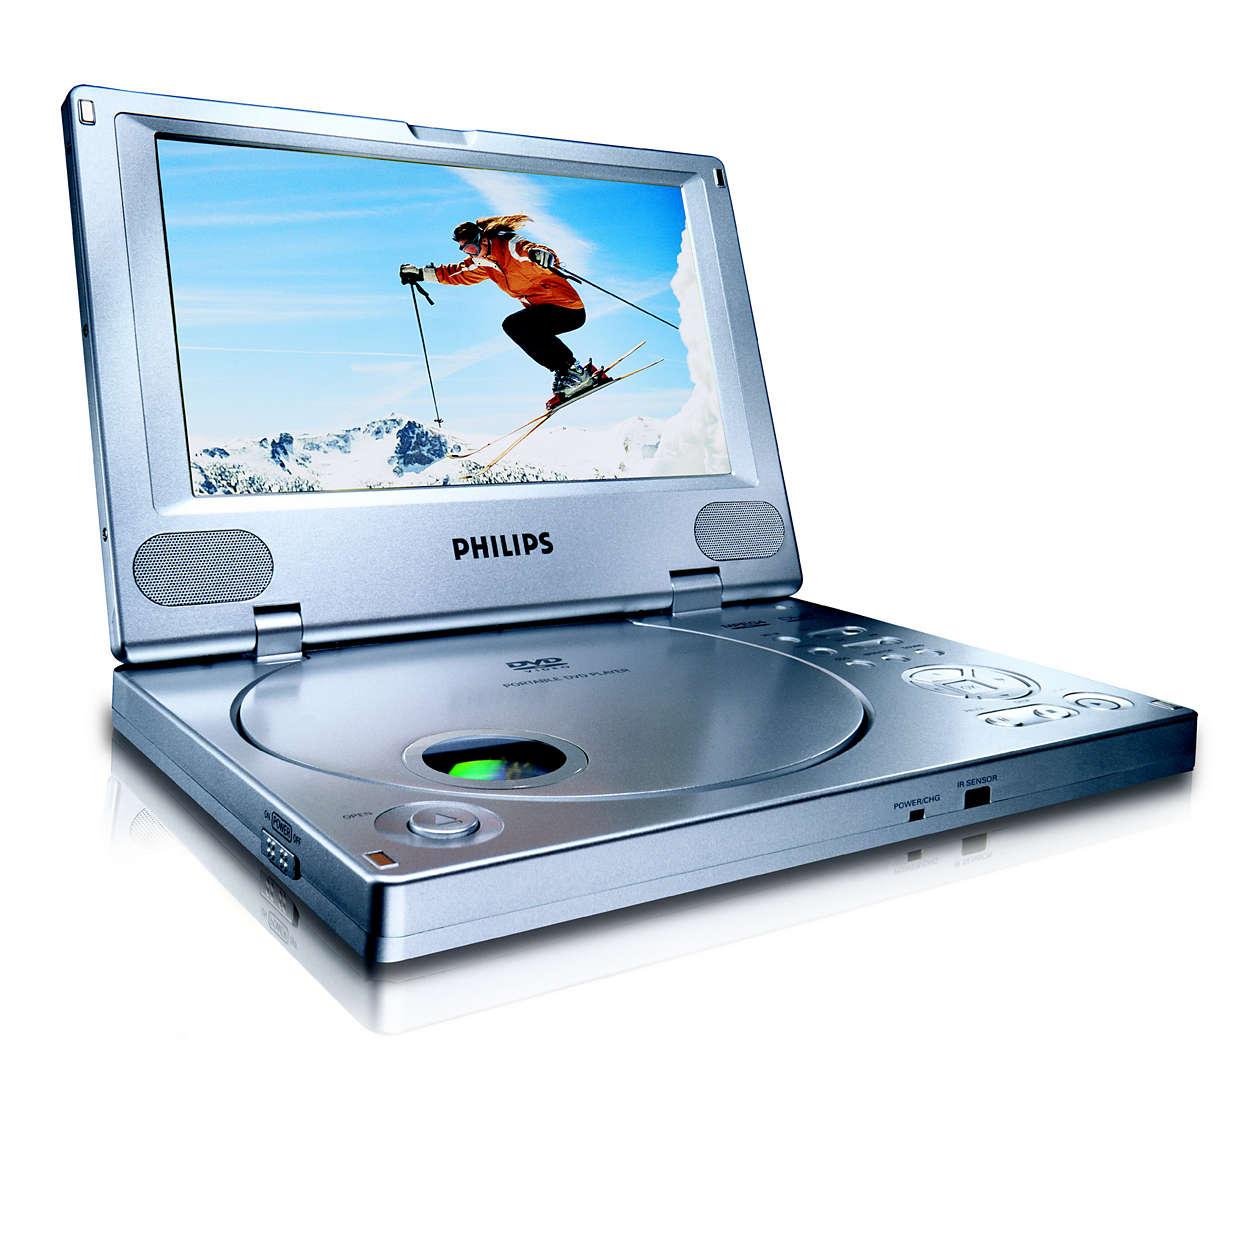 Disfruta del DVD y de vídeos digitales donde quiera que vayas